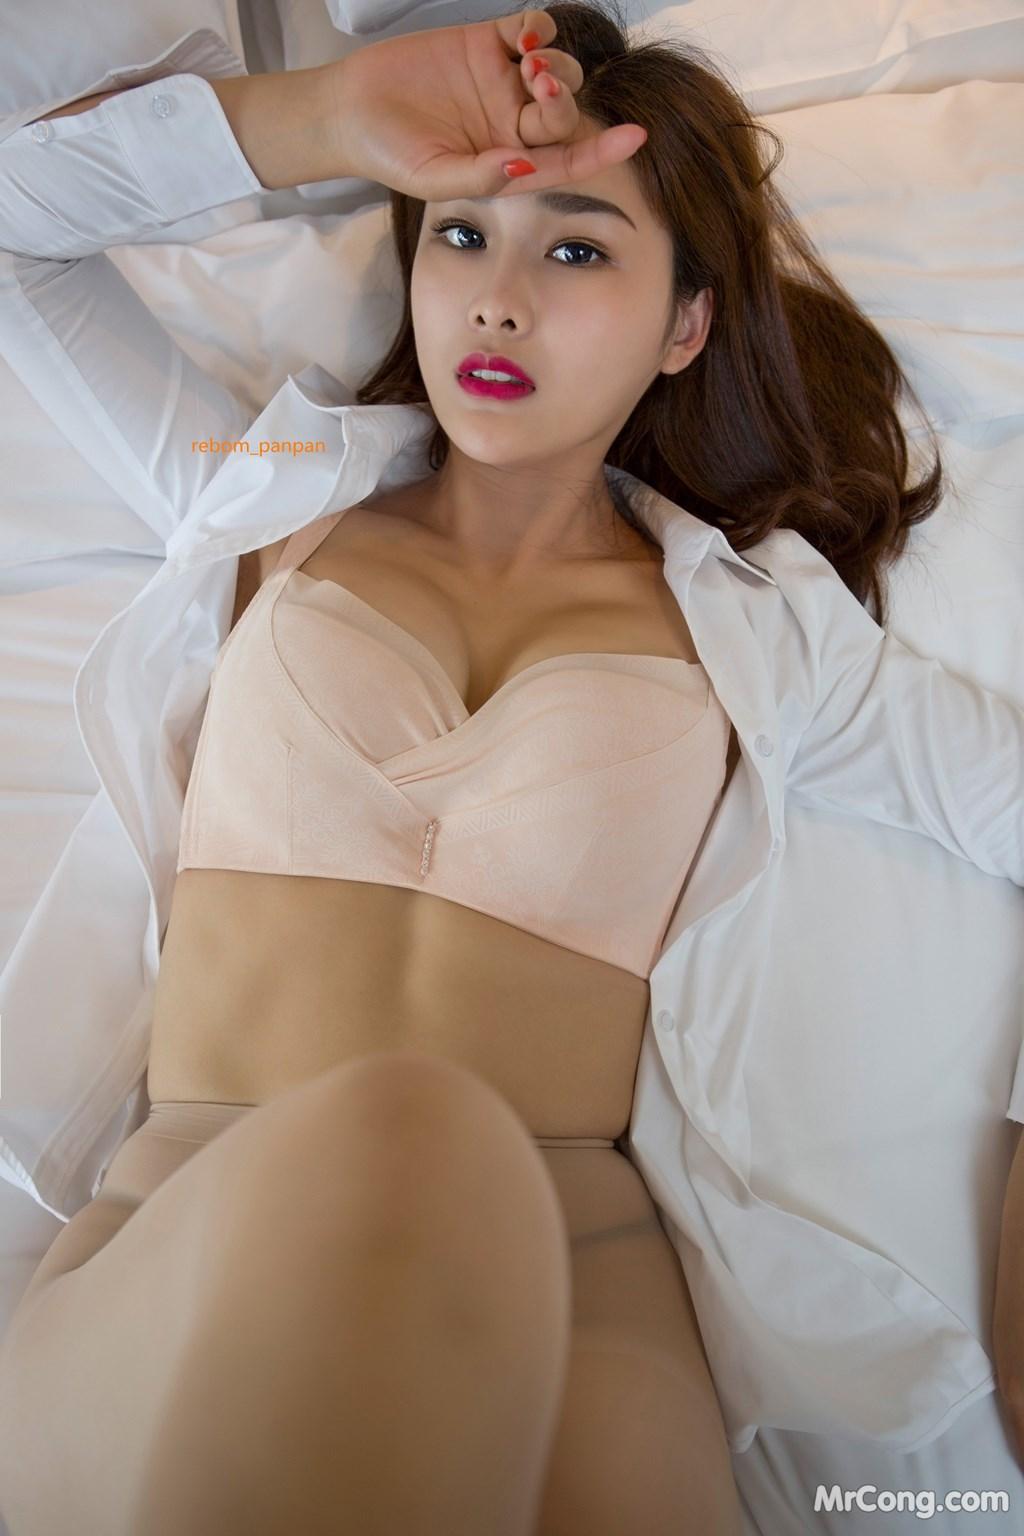 Image Yan-Pan-Pan-Part-4-MrCong.com-018 in post Người đẹp Yan Pan Pan (闫盼盼) hờ hững khoe vòng một trên giường ngủ (40 ảnh)